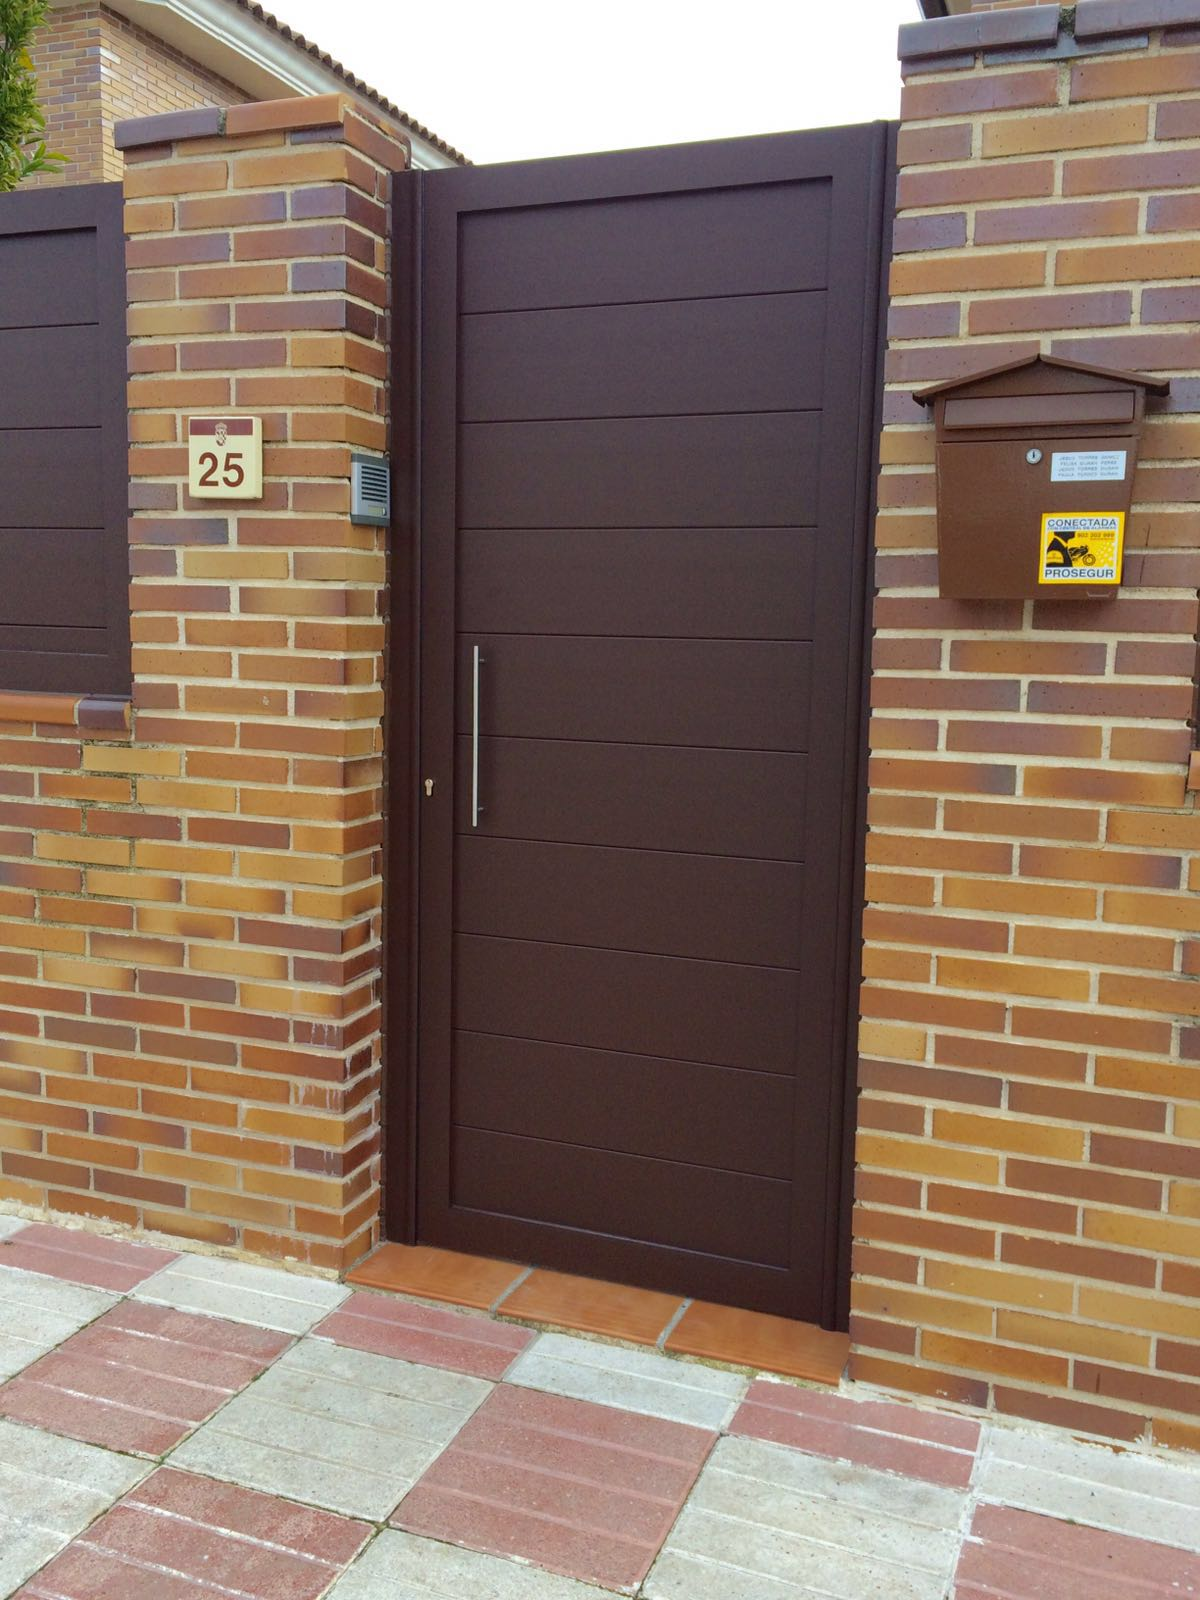 Puertas de aluminio para exterior modelo gri on for Colores para puertas exteriores